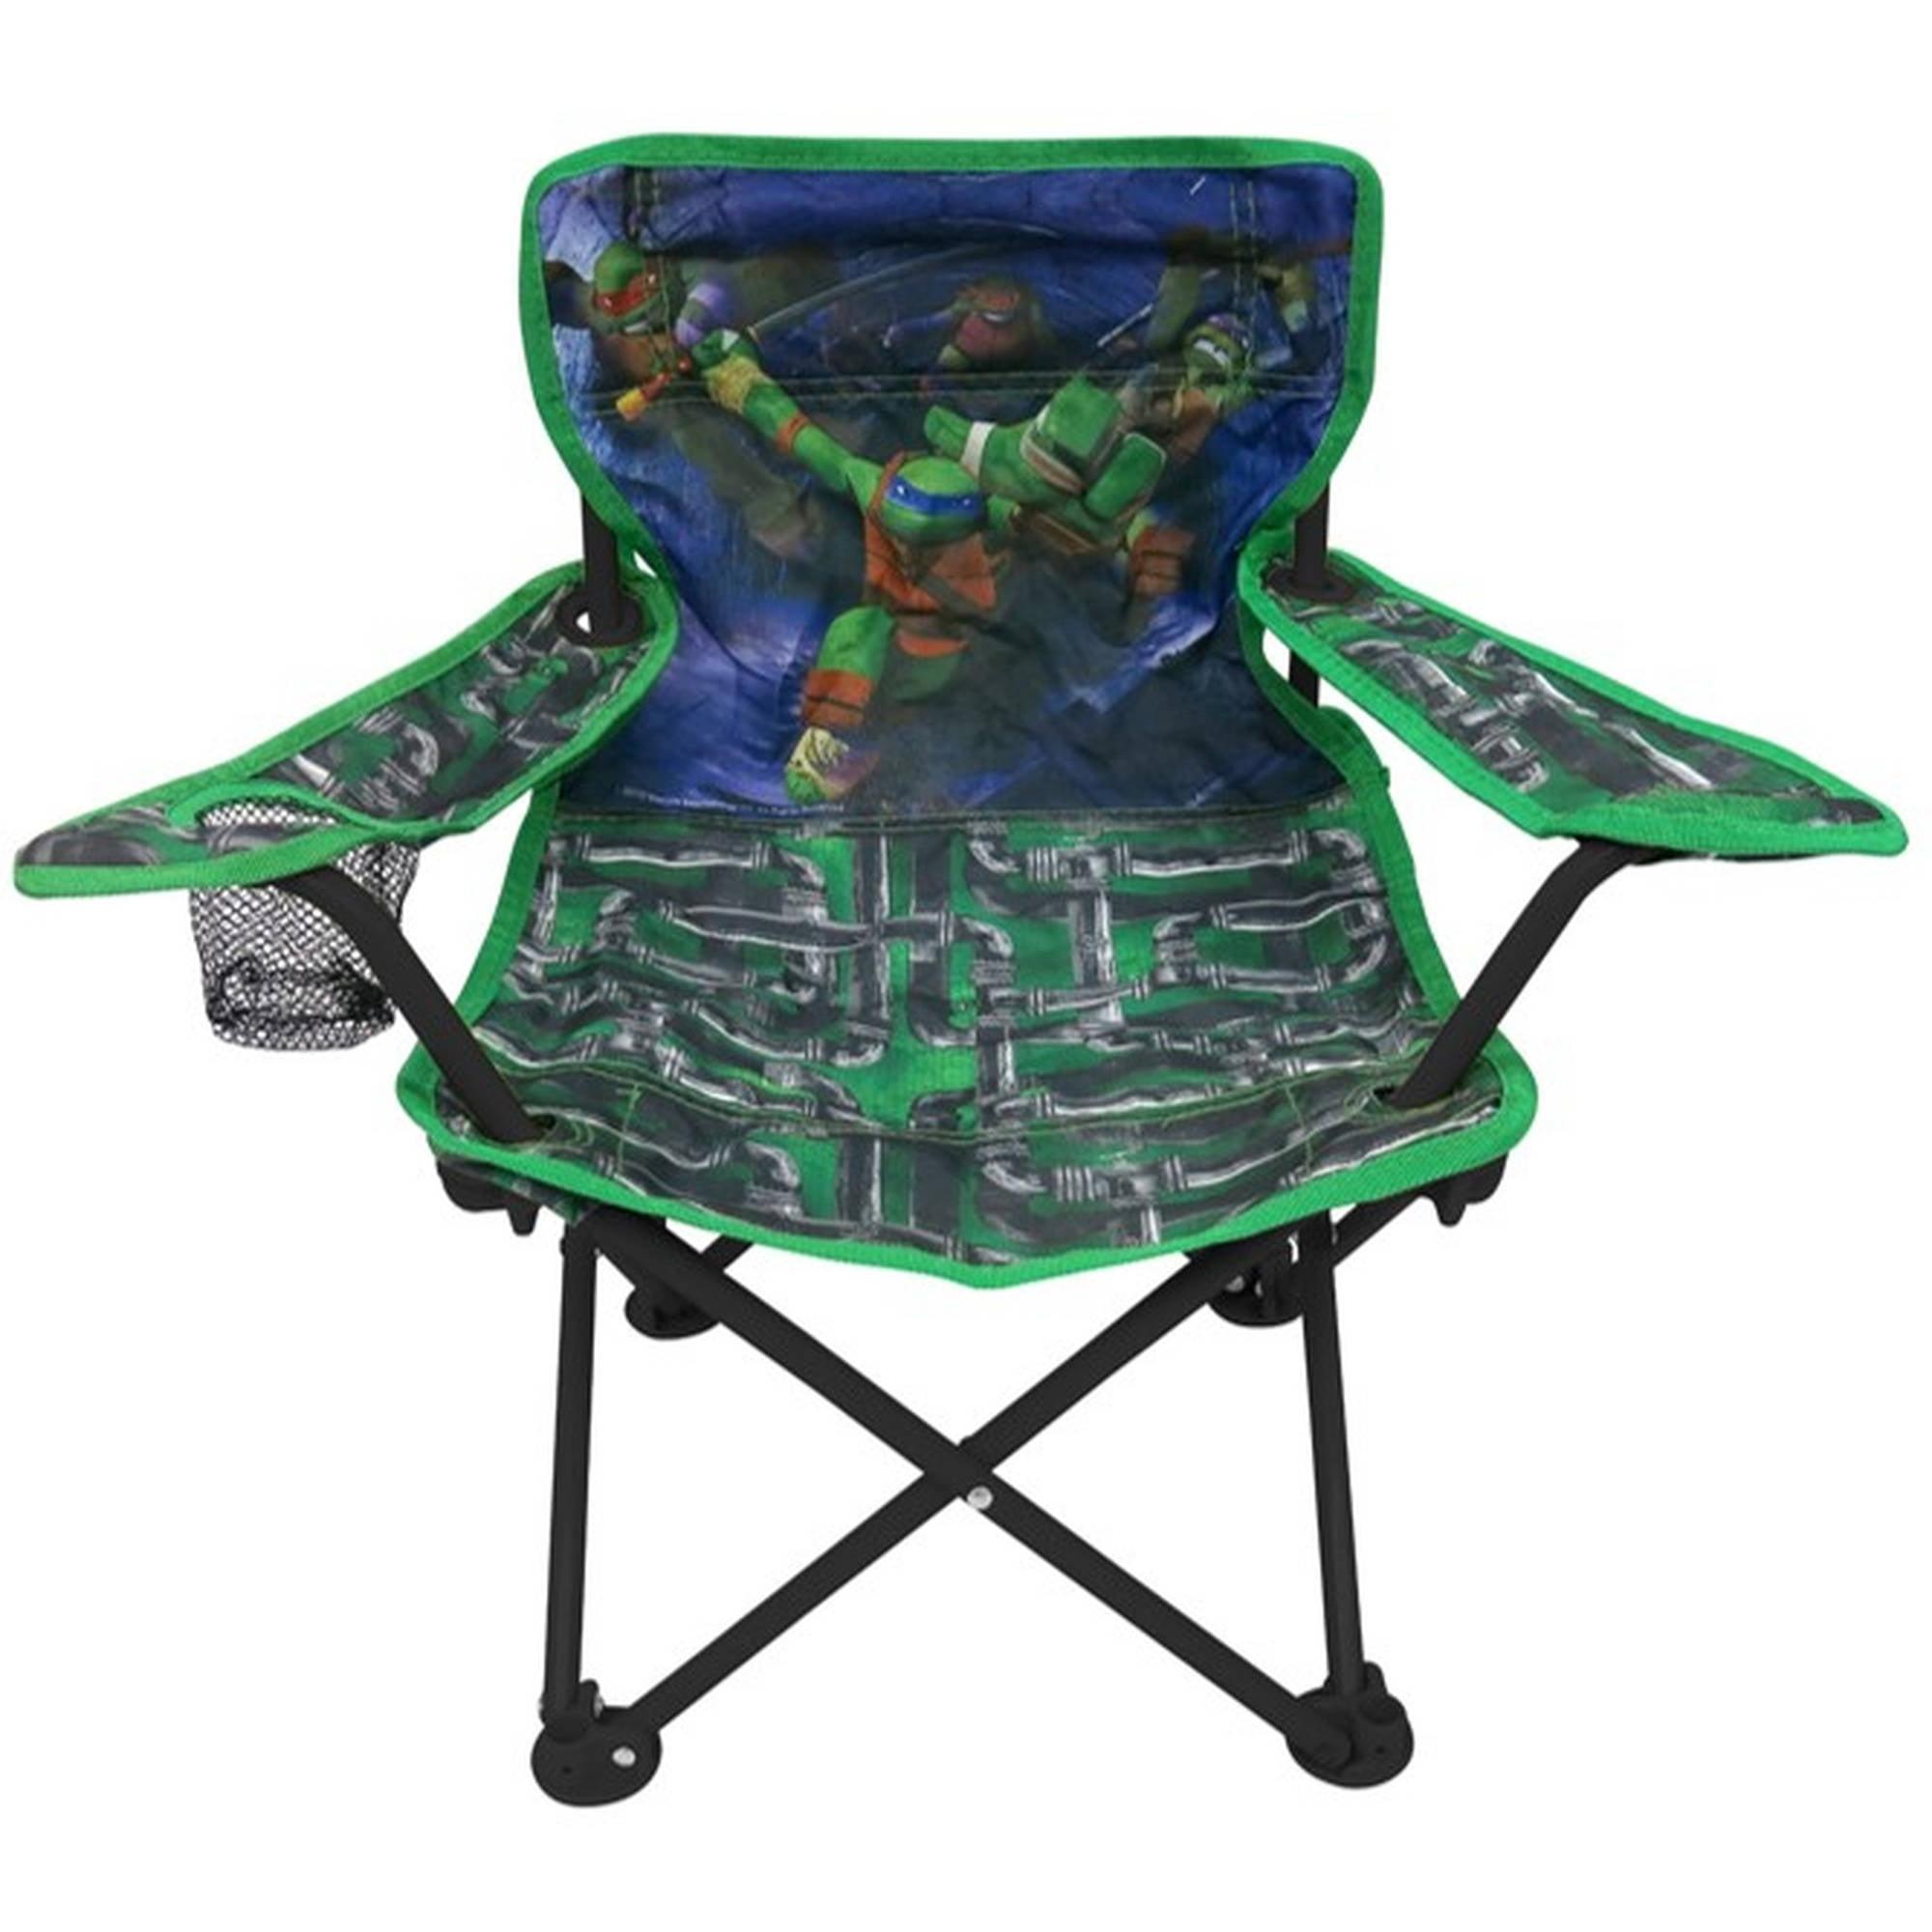 Nickelodeon Teenage Mutant Ninja Turtles Fold 'N Go Chair